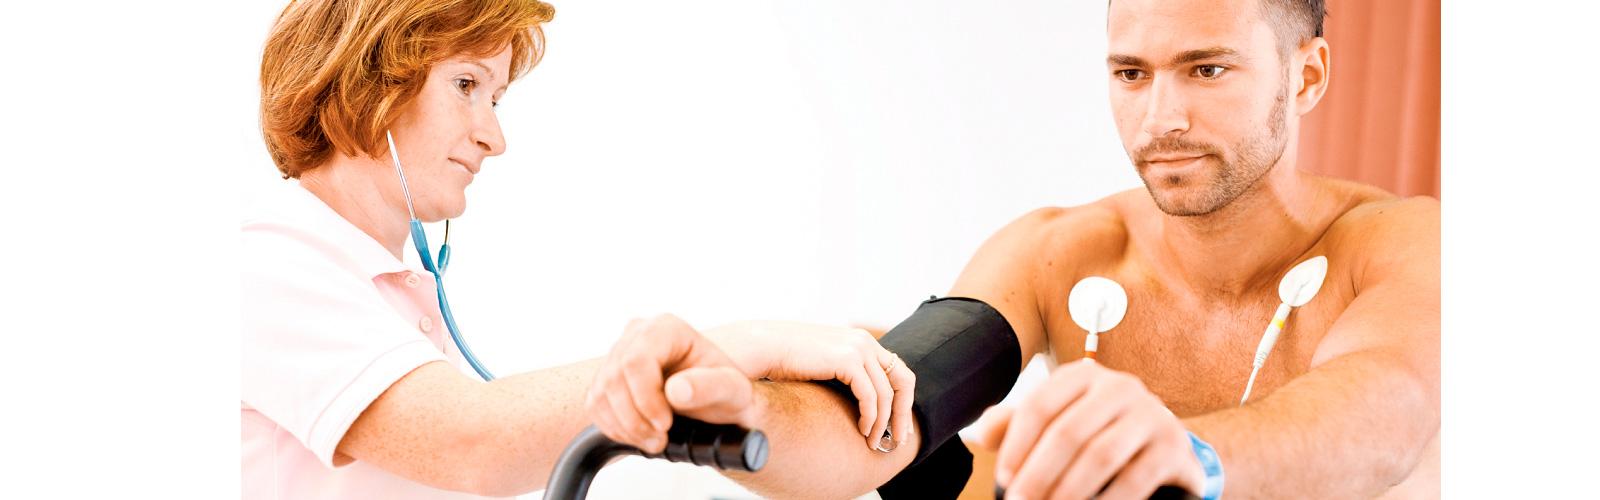 Спортивная остеопатия